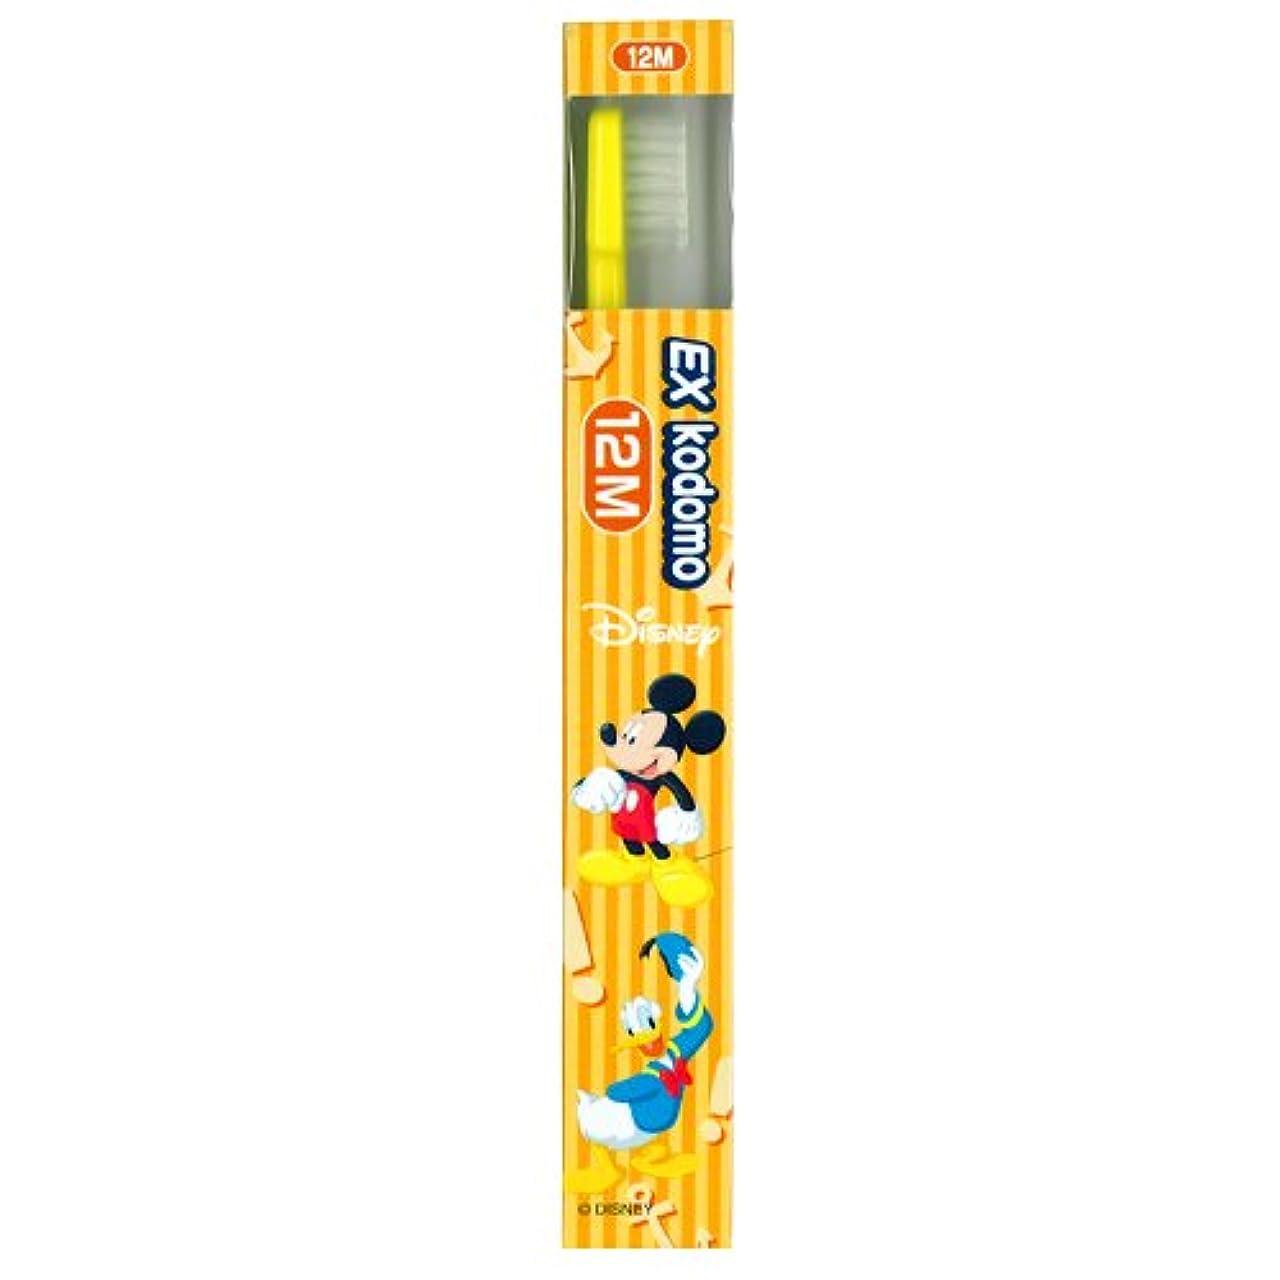 リアル憂鬱渦ライオン EX kodomo ディズニー 歯ブラシ 1本 12M イエロー